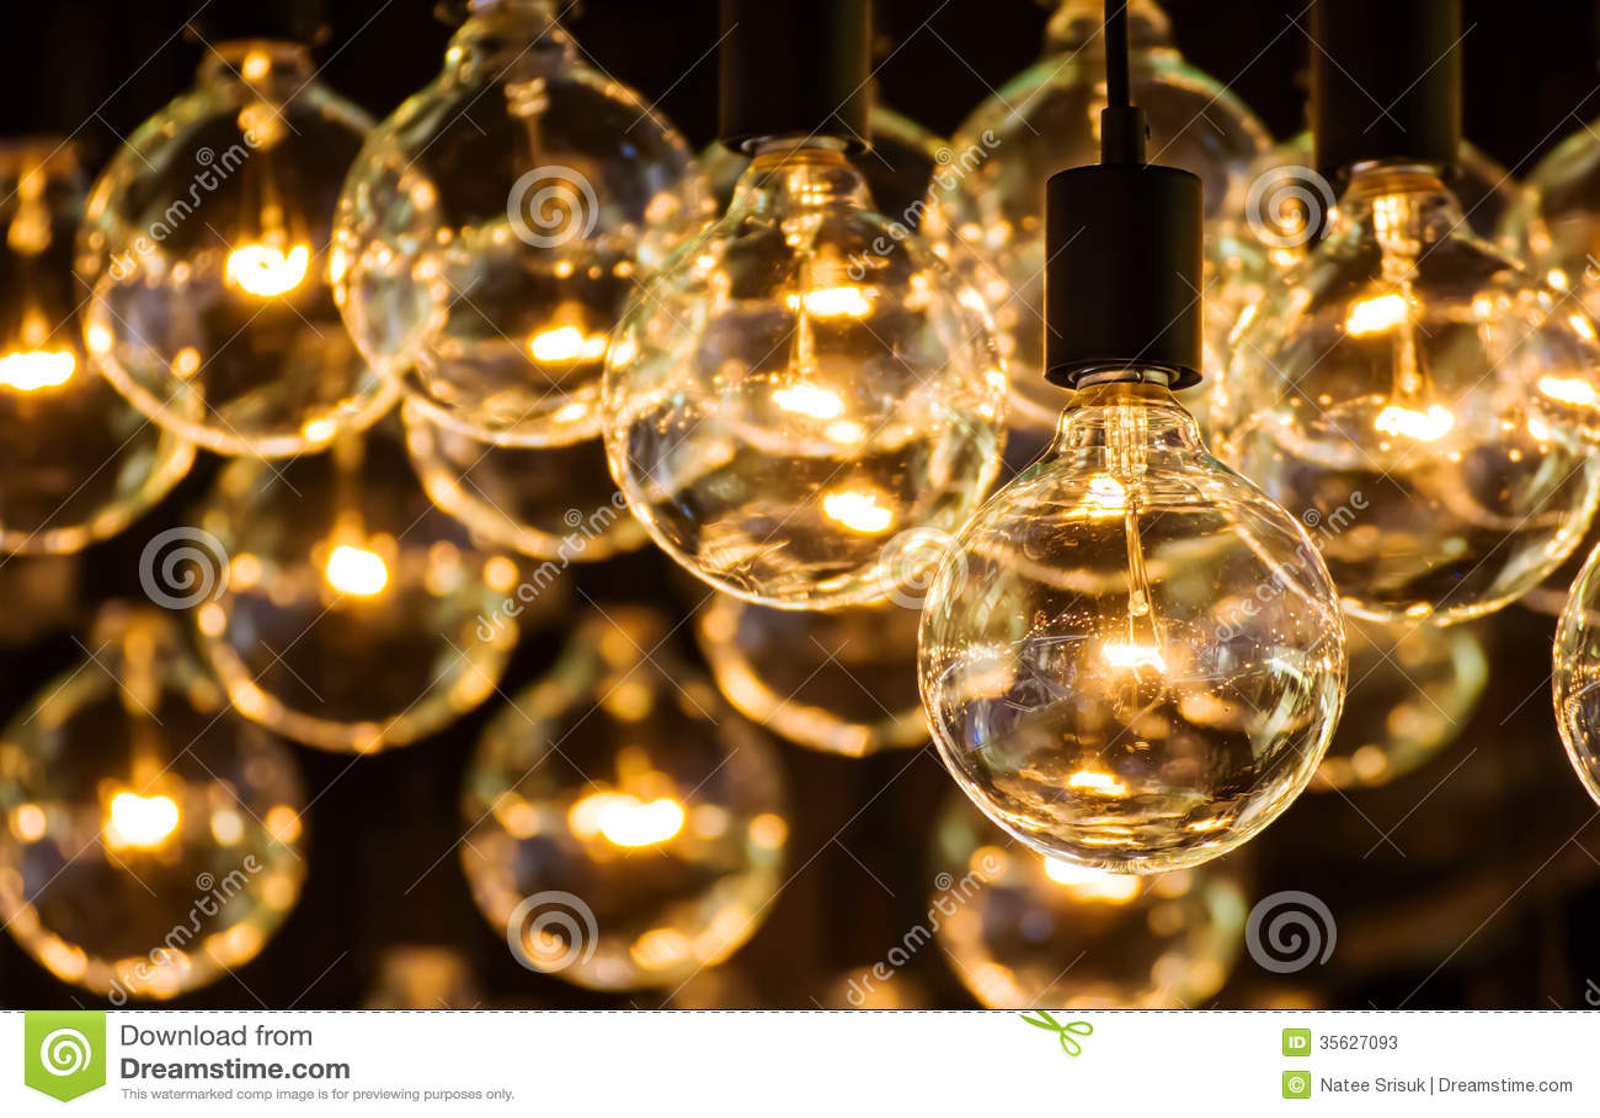 Decoración de la iluminación